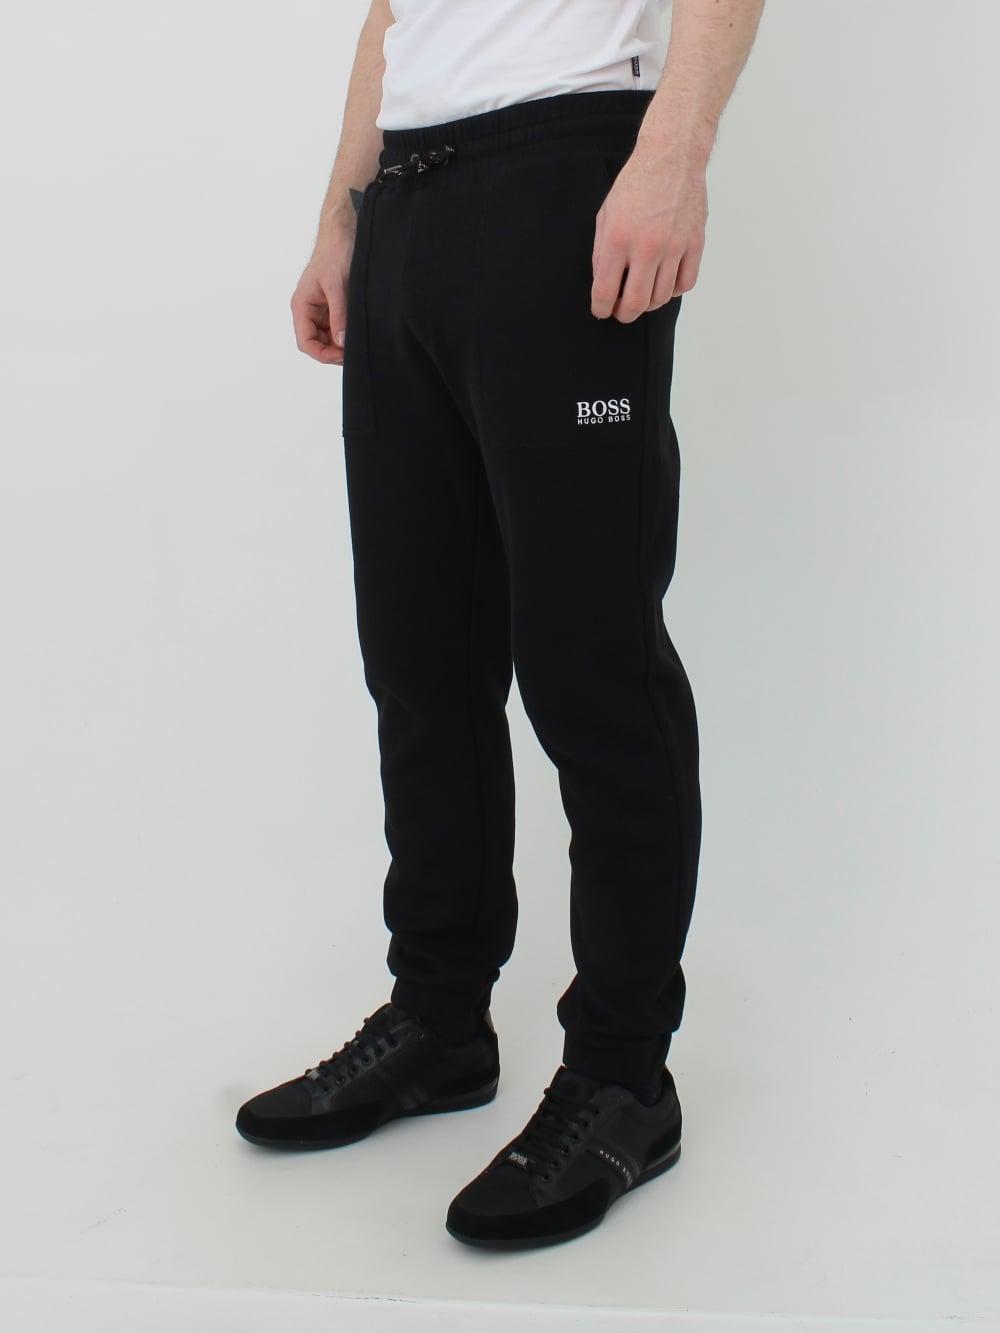 8c9b20eec95 Hugo Boss Contemp Pants in Black